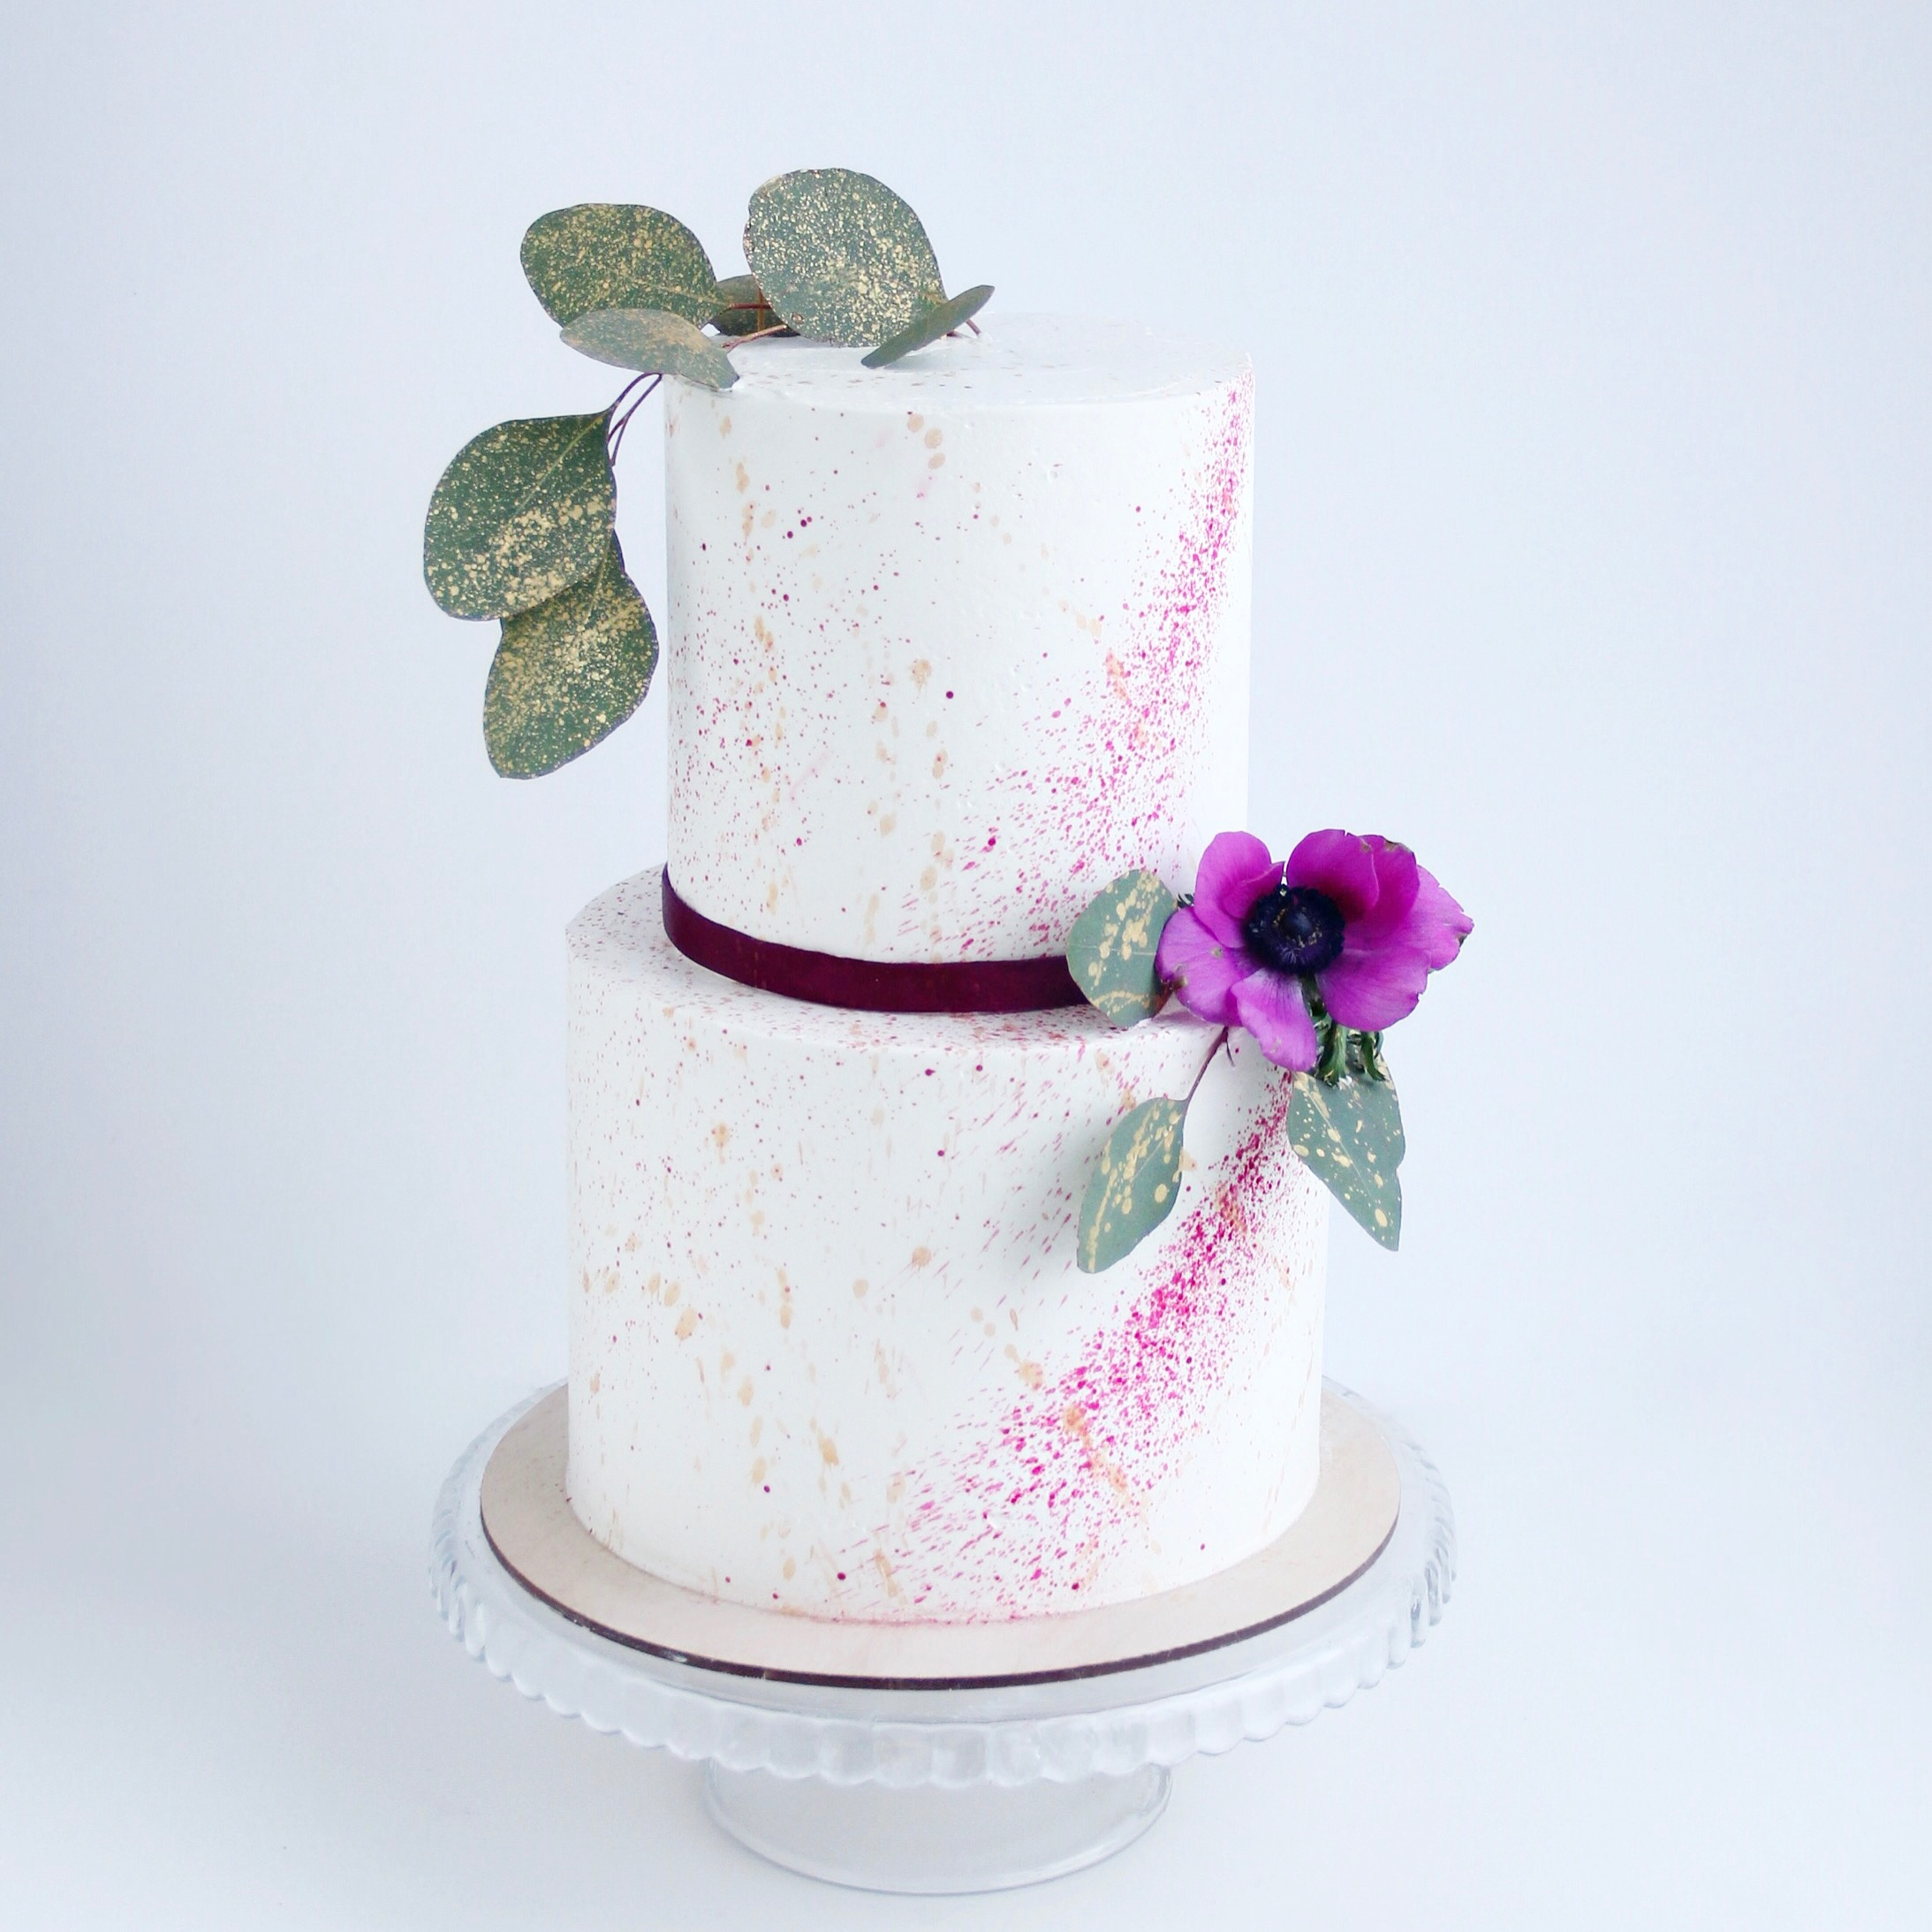 лучшие свадебный торты в спб